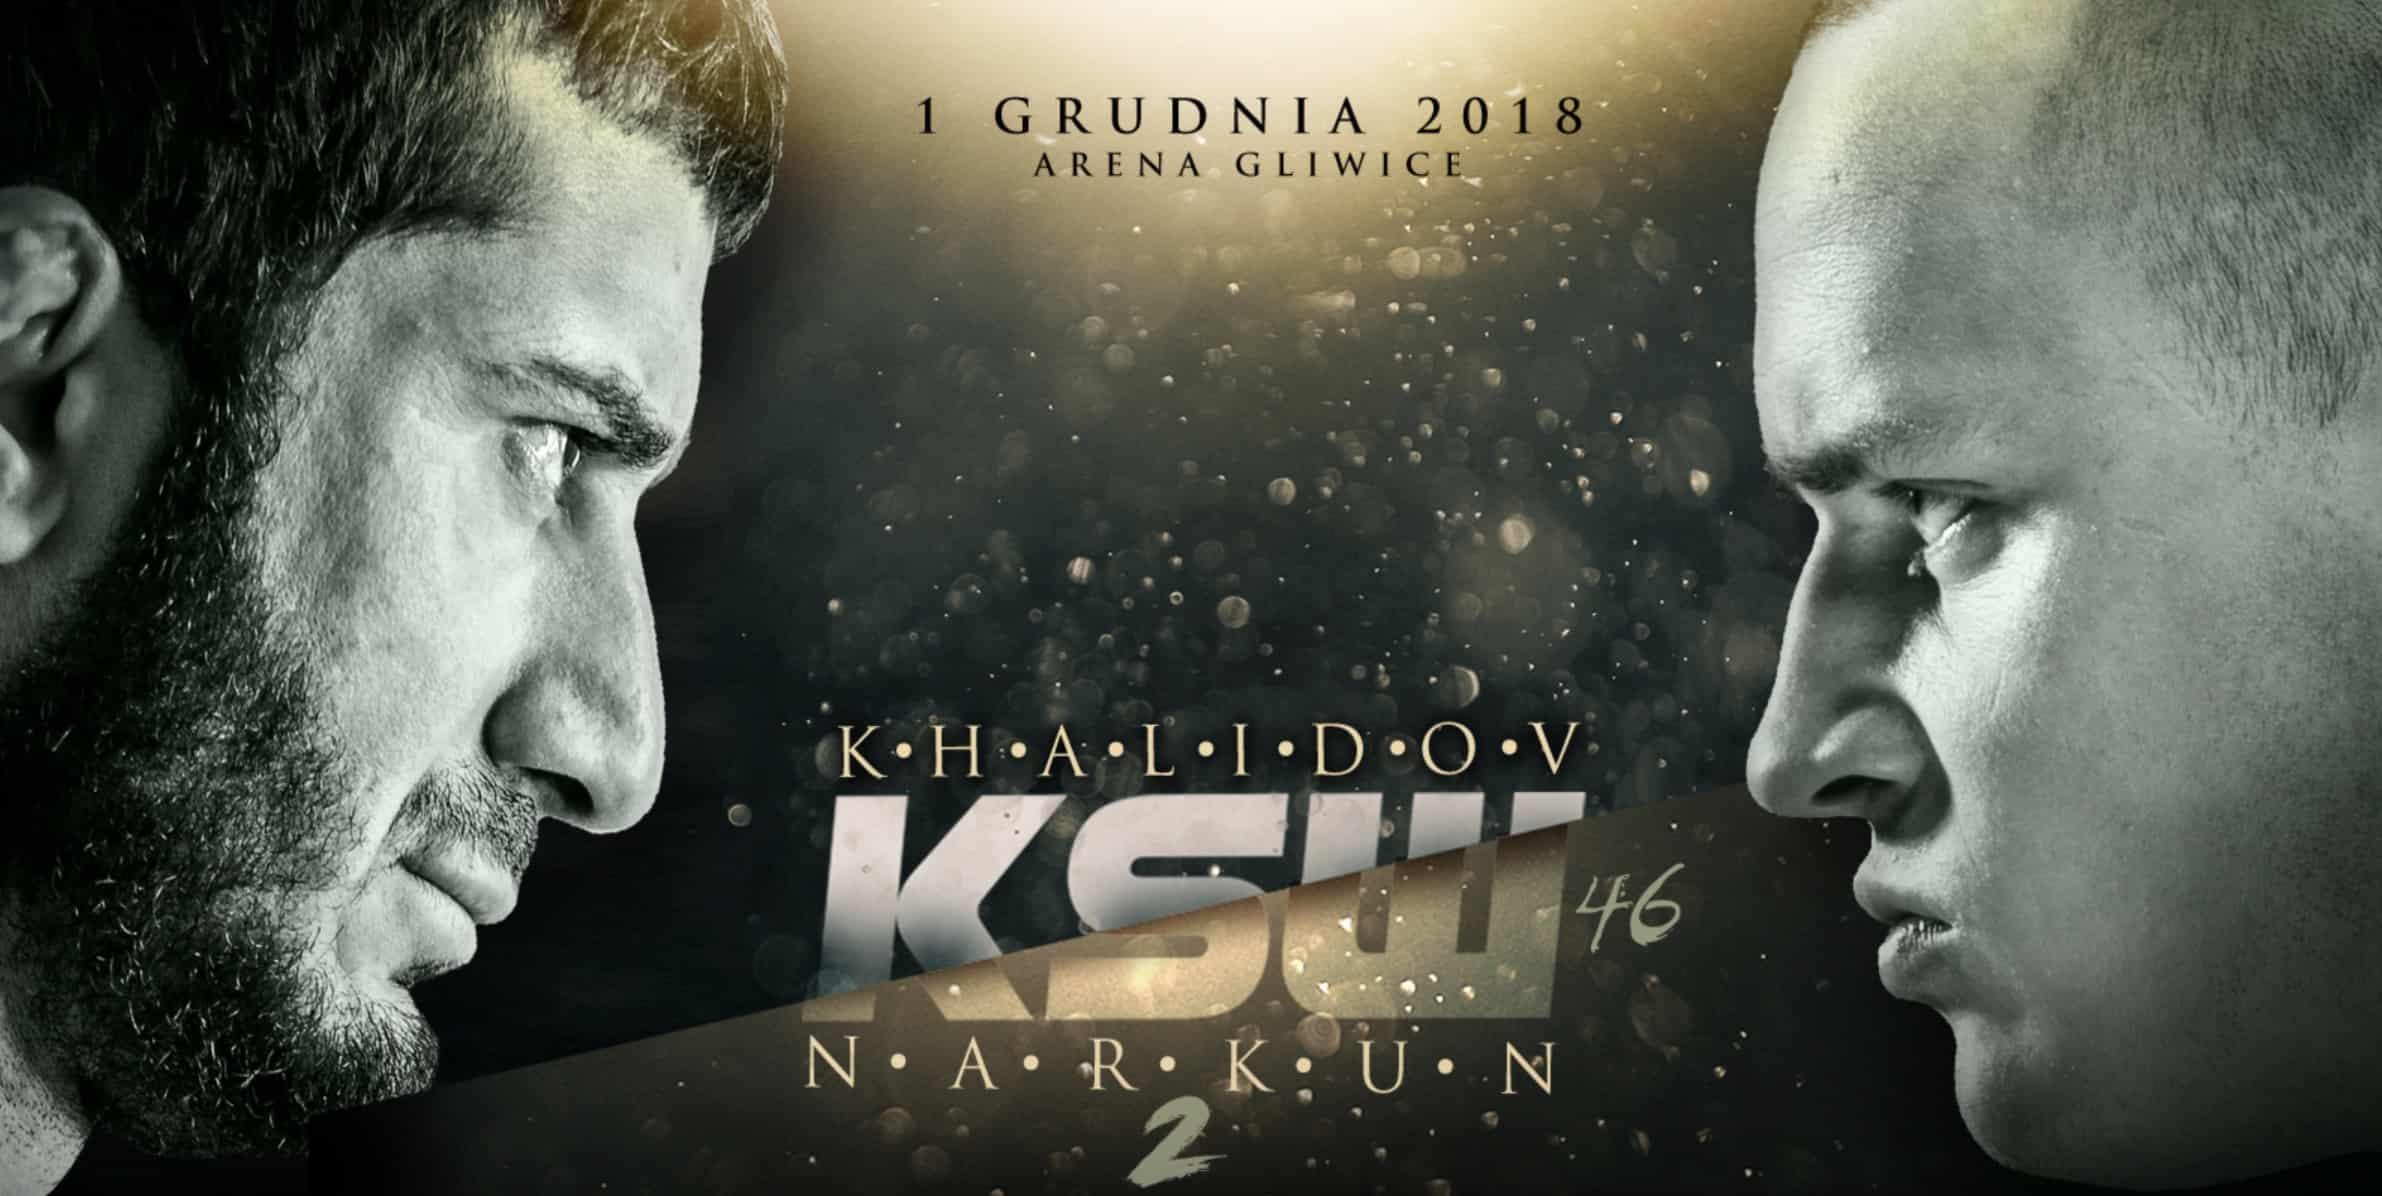 KSW 46 kod promocyjny. Obstawianie MMA